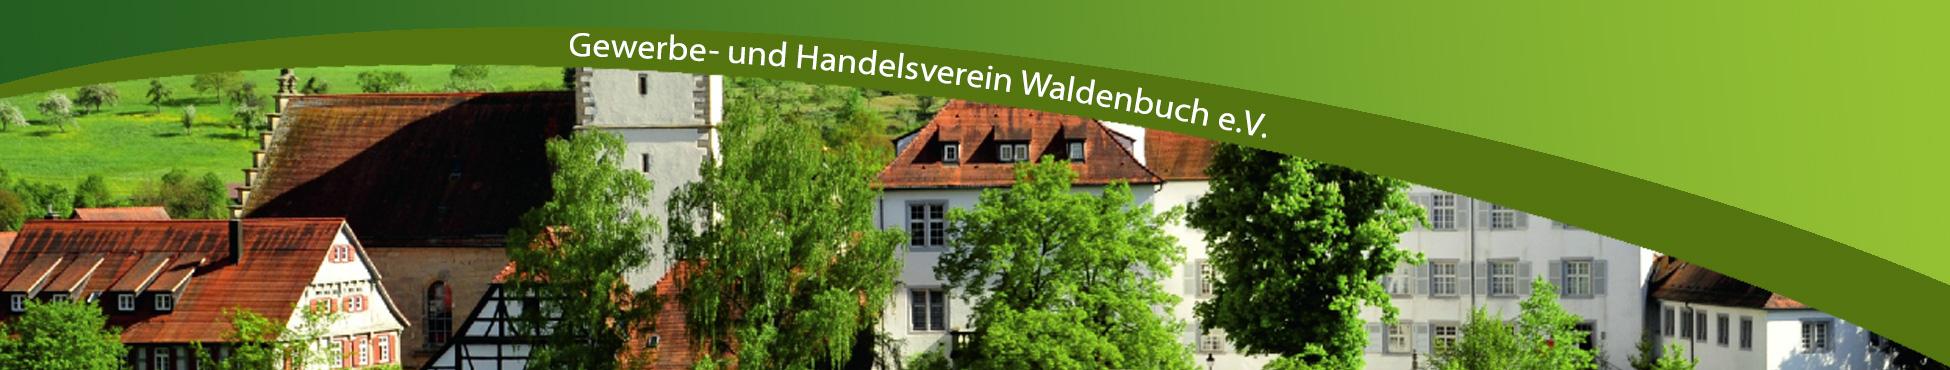 Header-ghv-waldenbuch